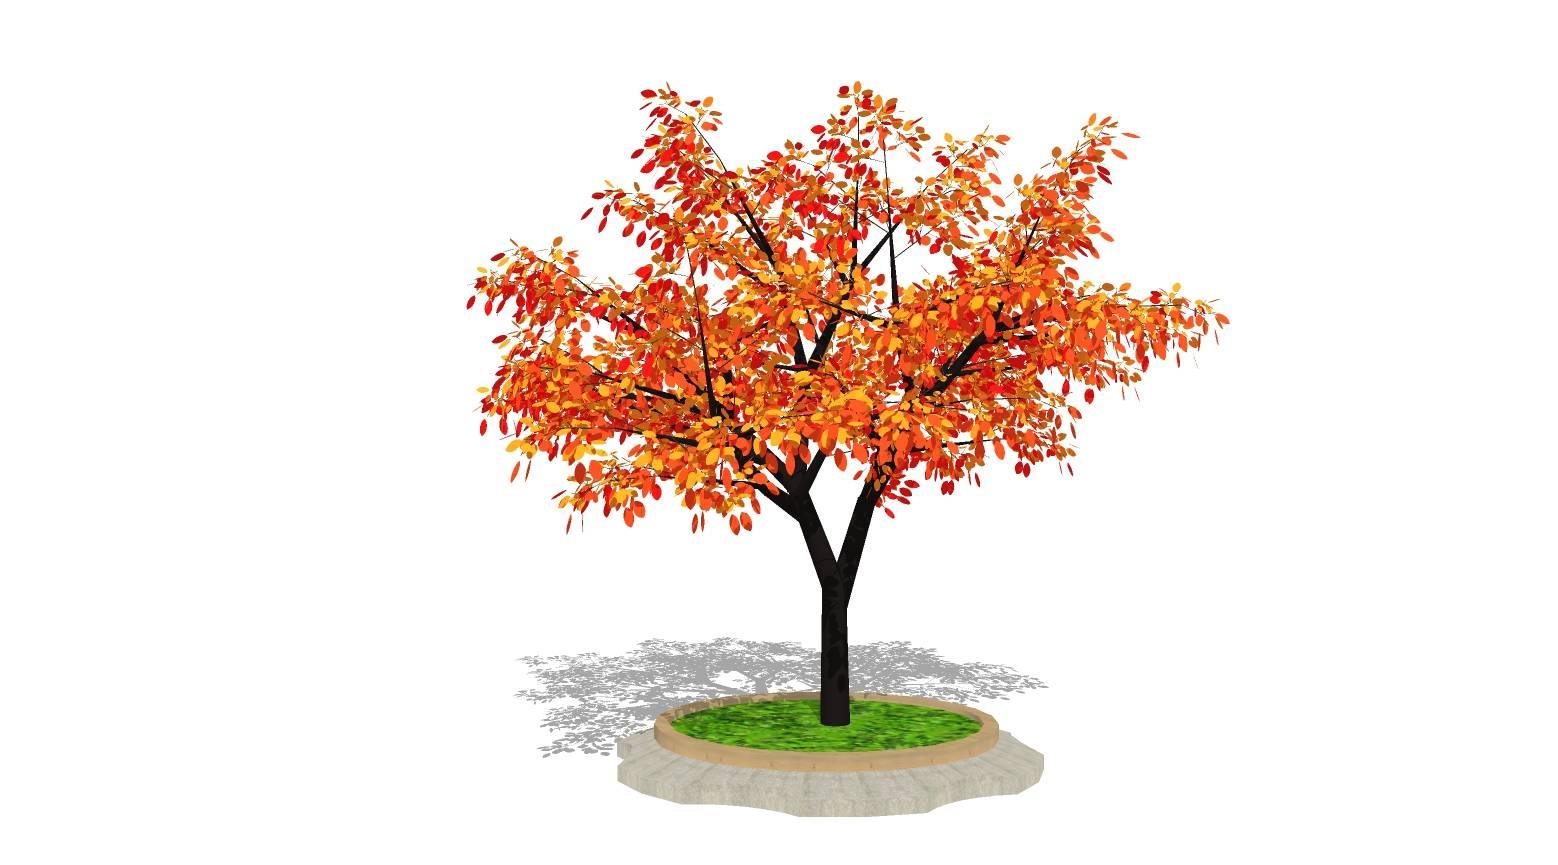 圆形树池   创意树池  欧式树池  小区树池  公园 公共空间  种植池